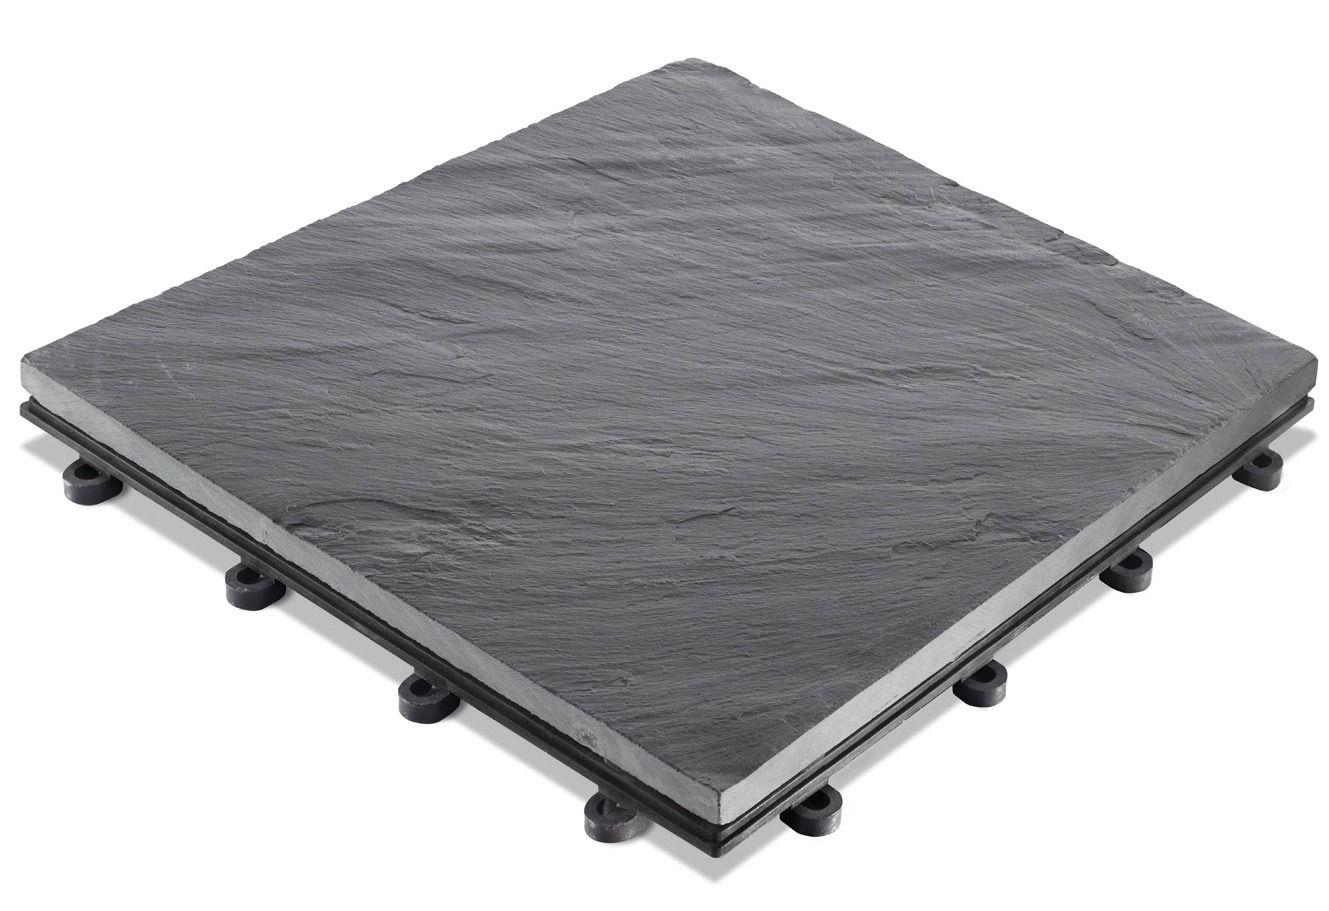 set echtstein klickfliesen aus schiefer 30 x 30 cm 4 stk schwab versand terrassenb den. Black Bedroom Furniture Sets. Home Design Ideas